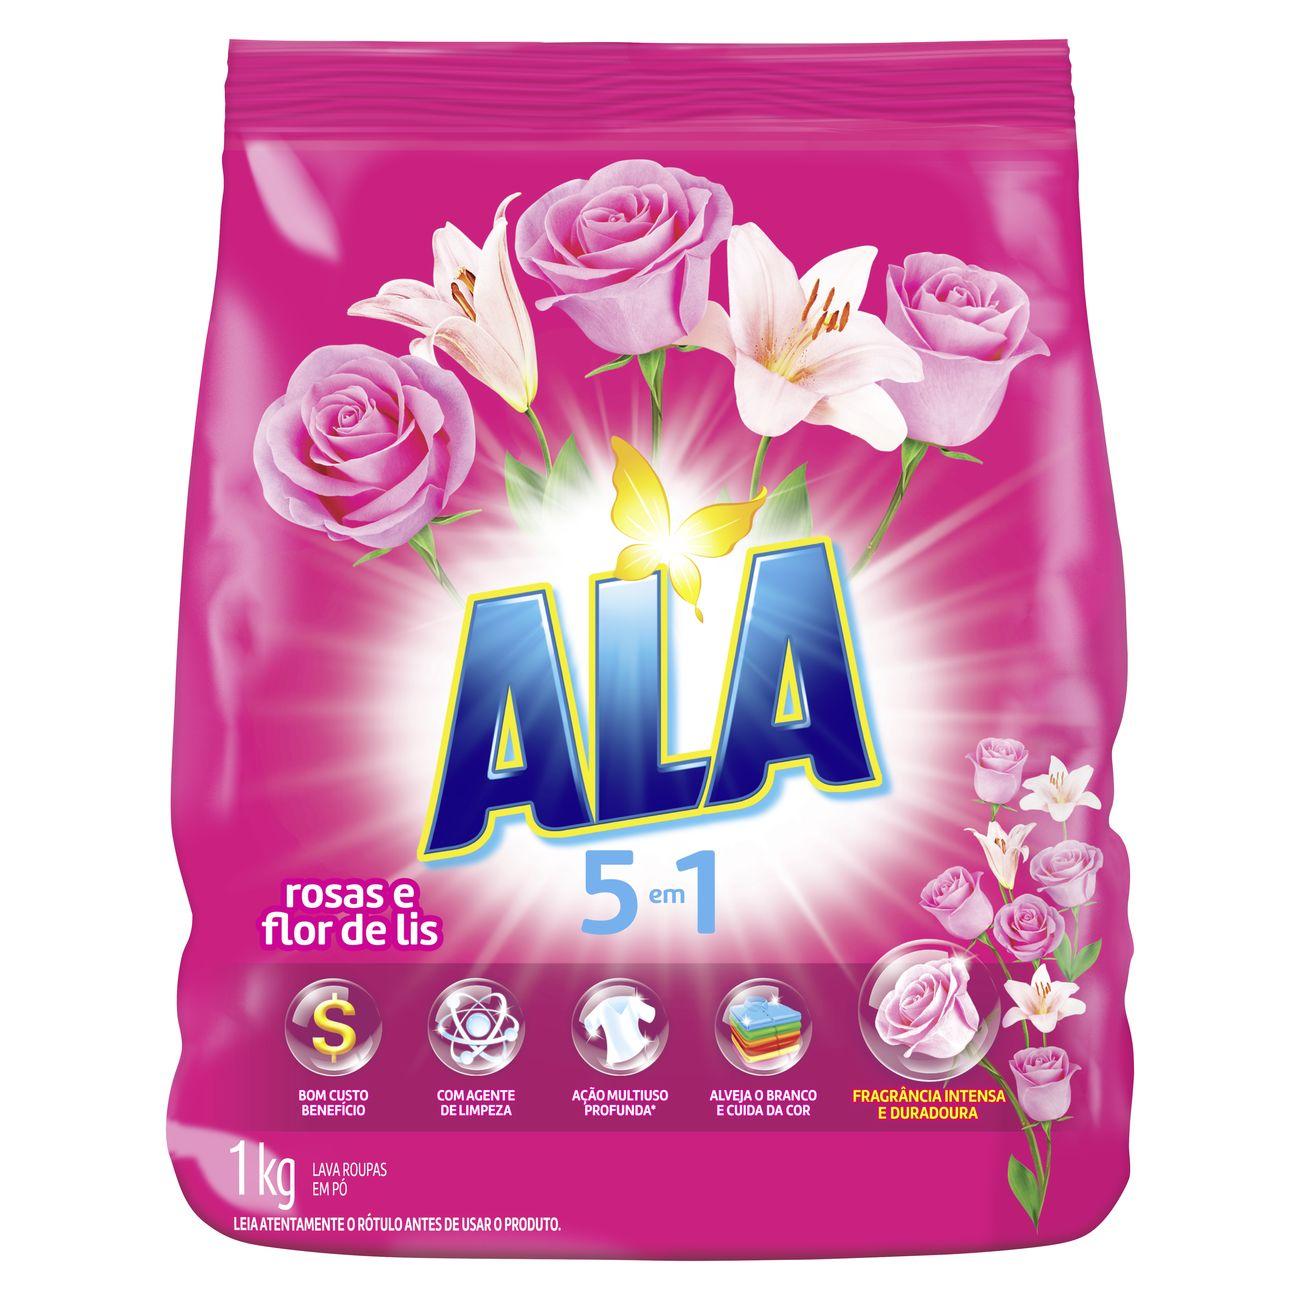 Detergente em P� ALA Rosas e Flor de Lis 1kg